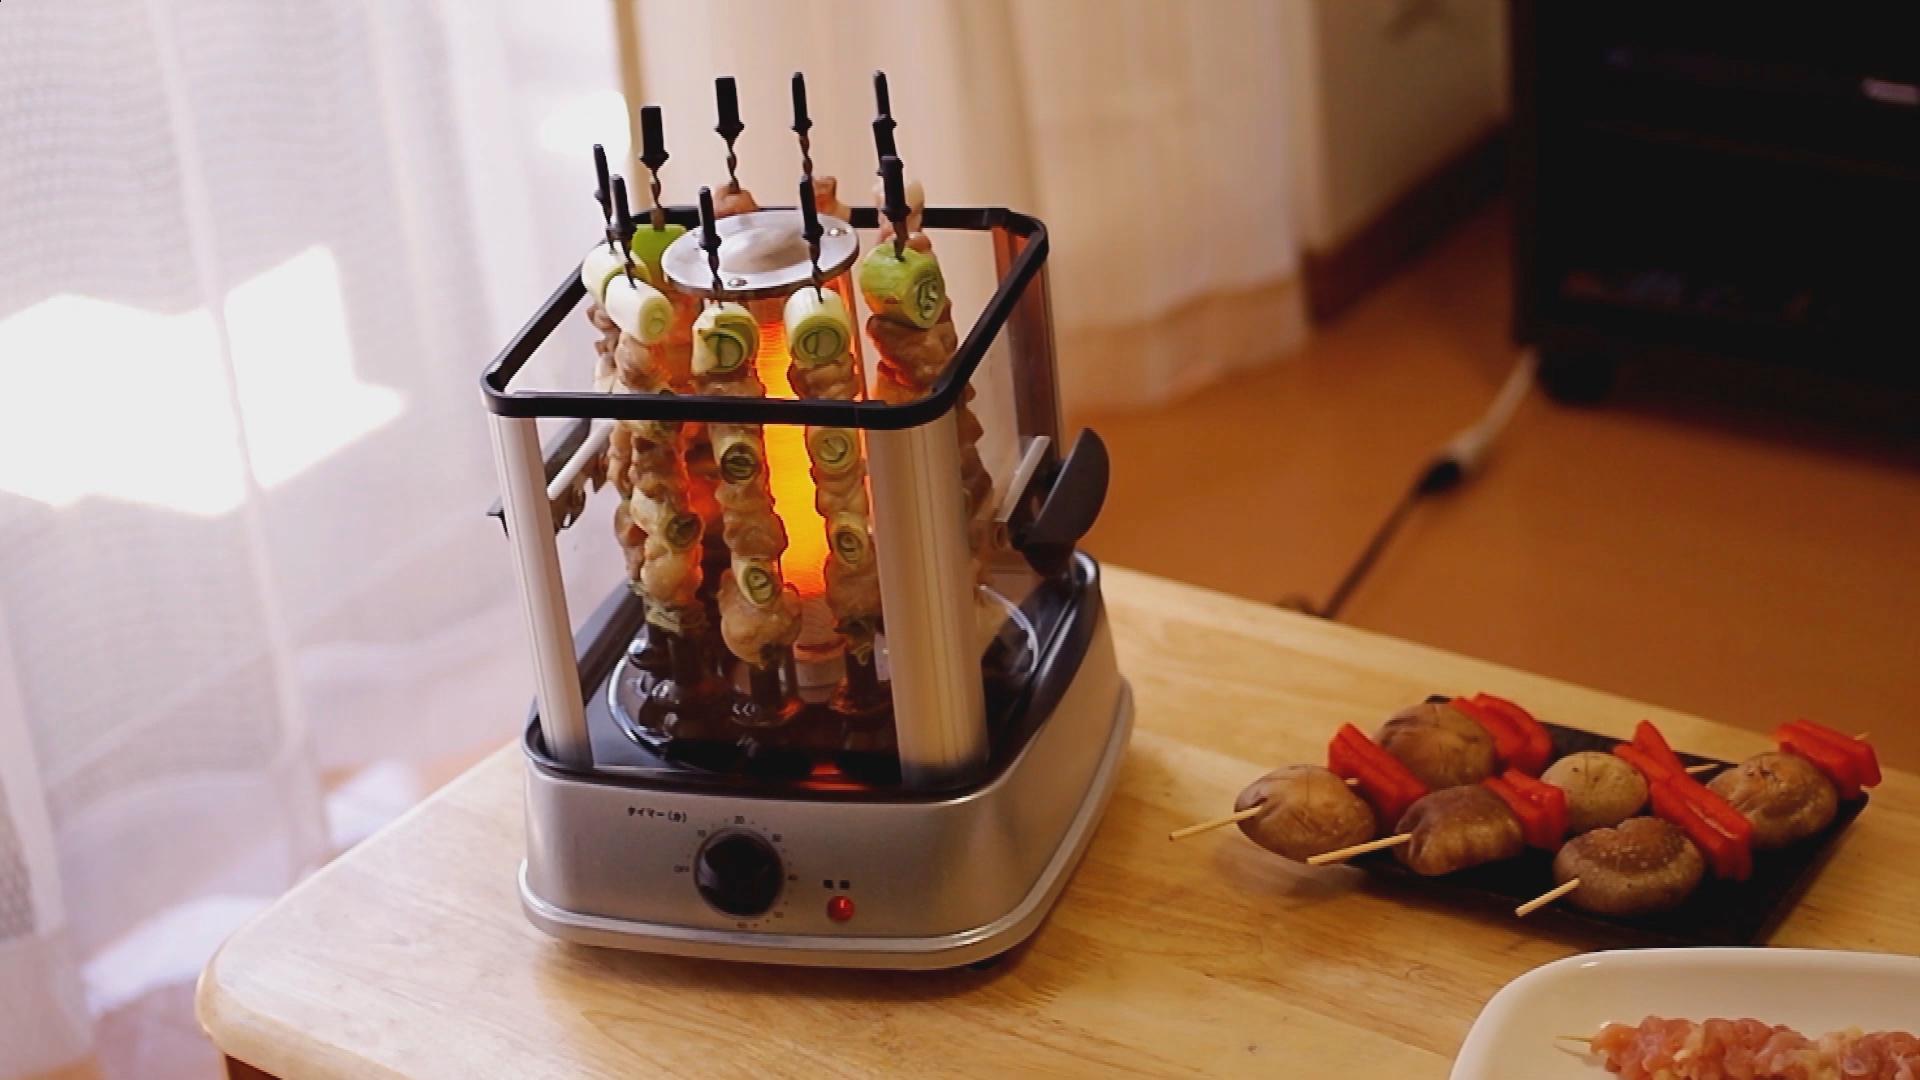 おうち時間を快適に エアコンから調理家電まで 話題の最新&ユニーク家電5選